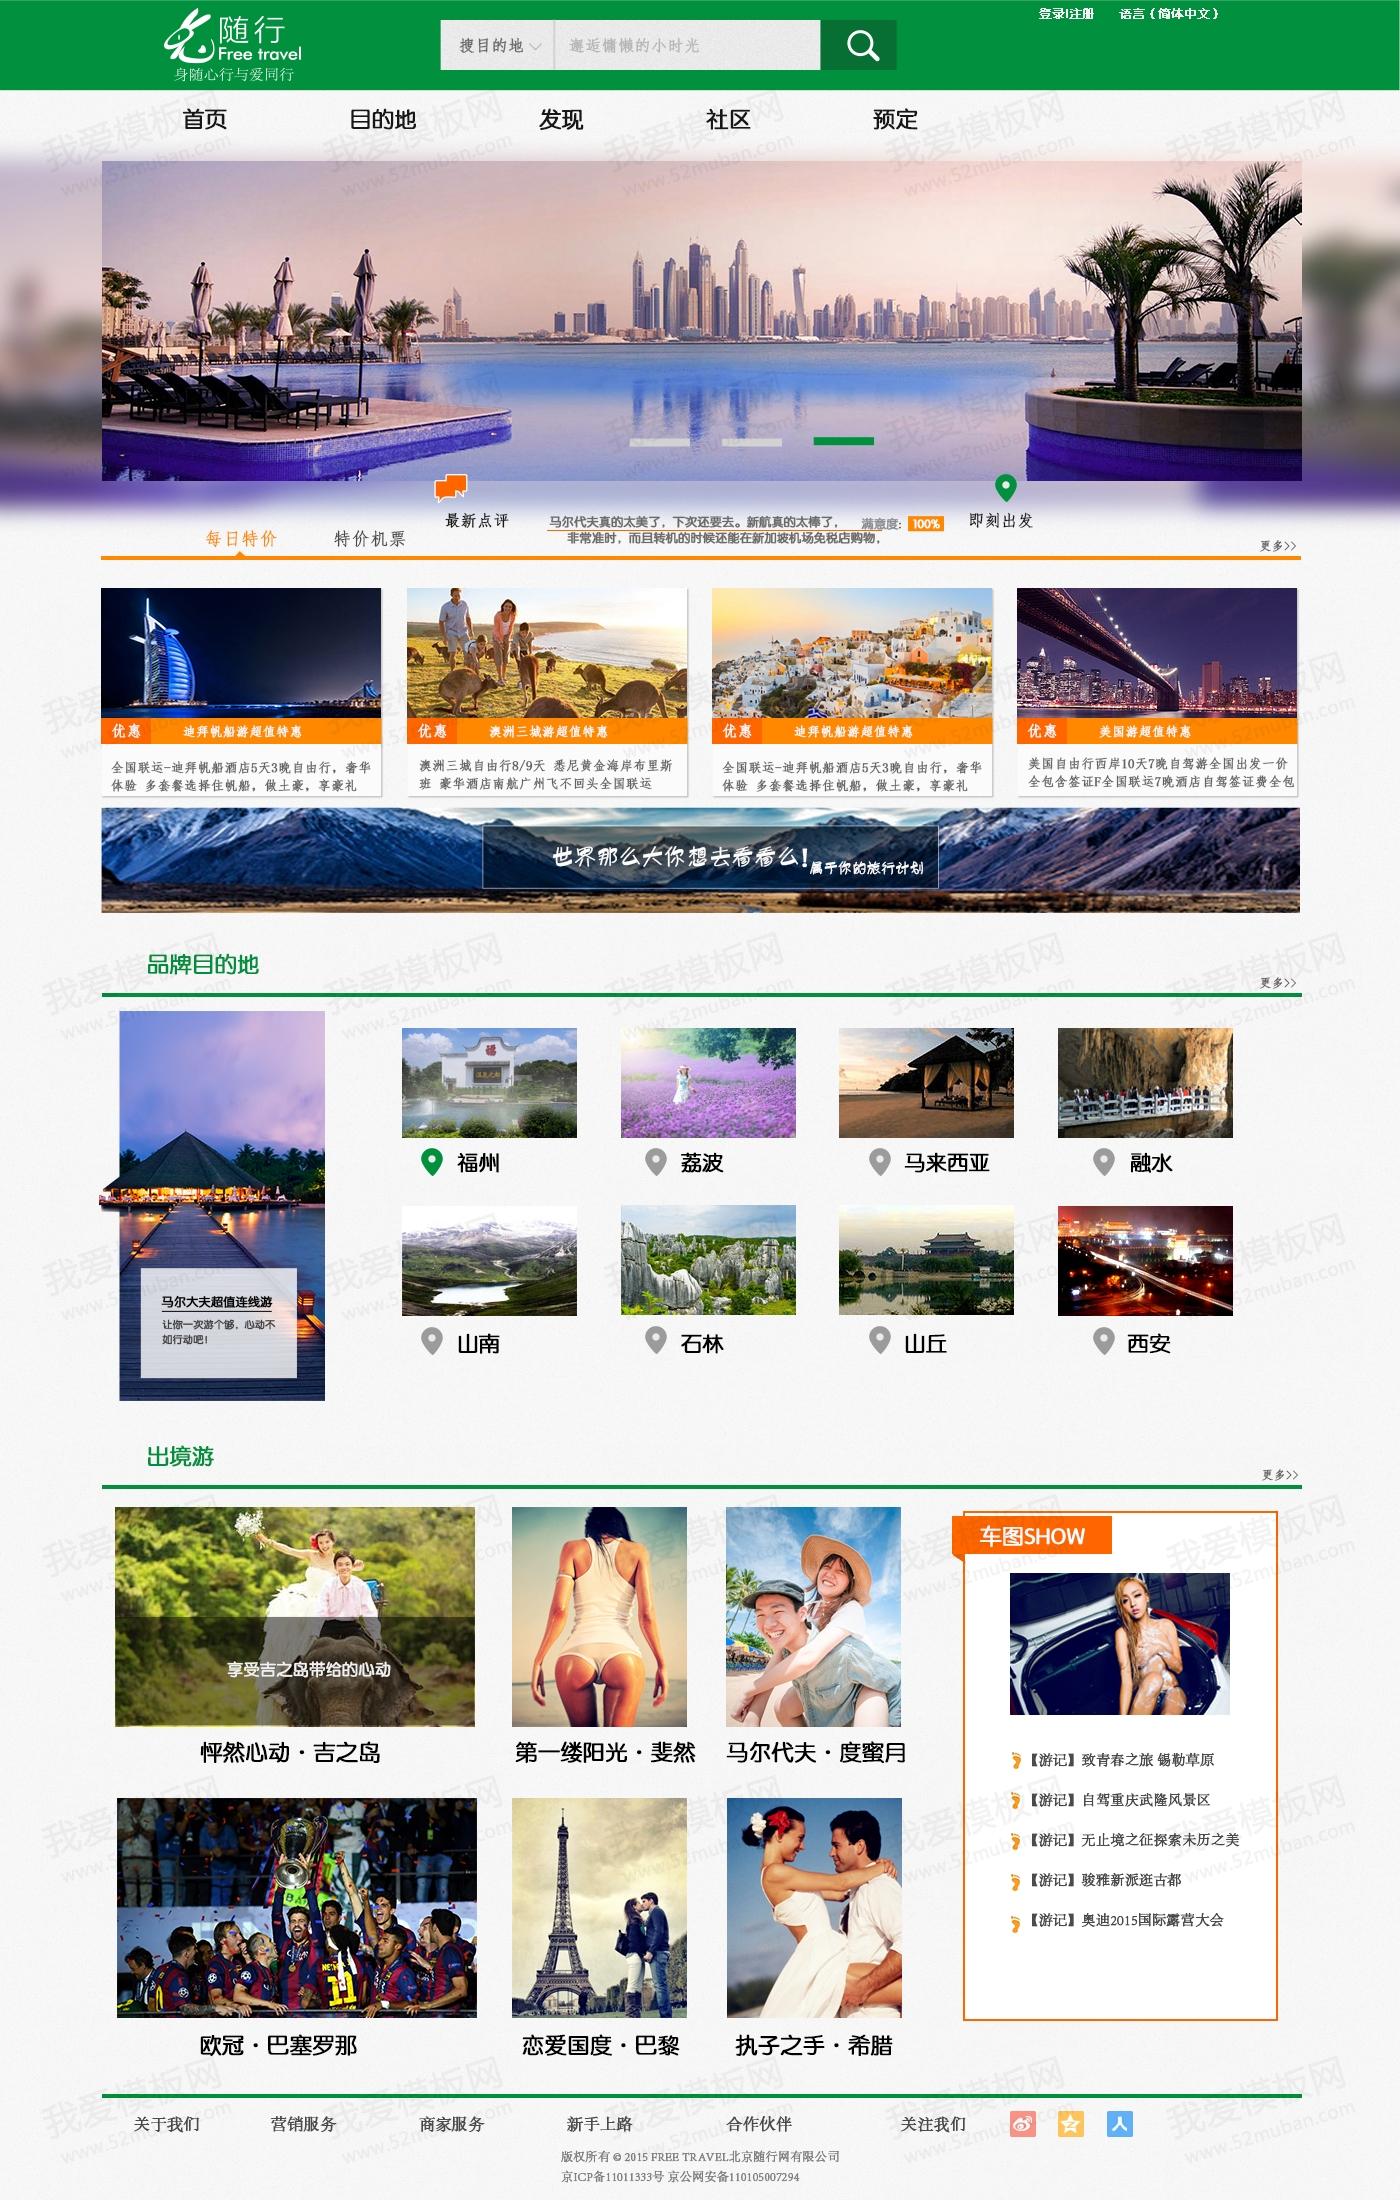 绿色的随行旅游网站页面模板html源码